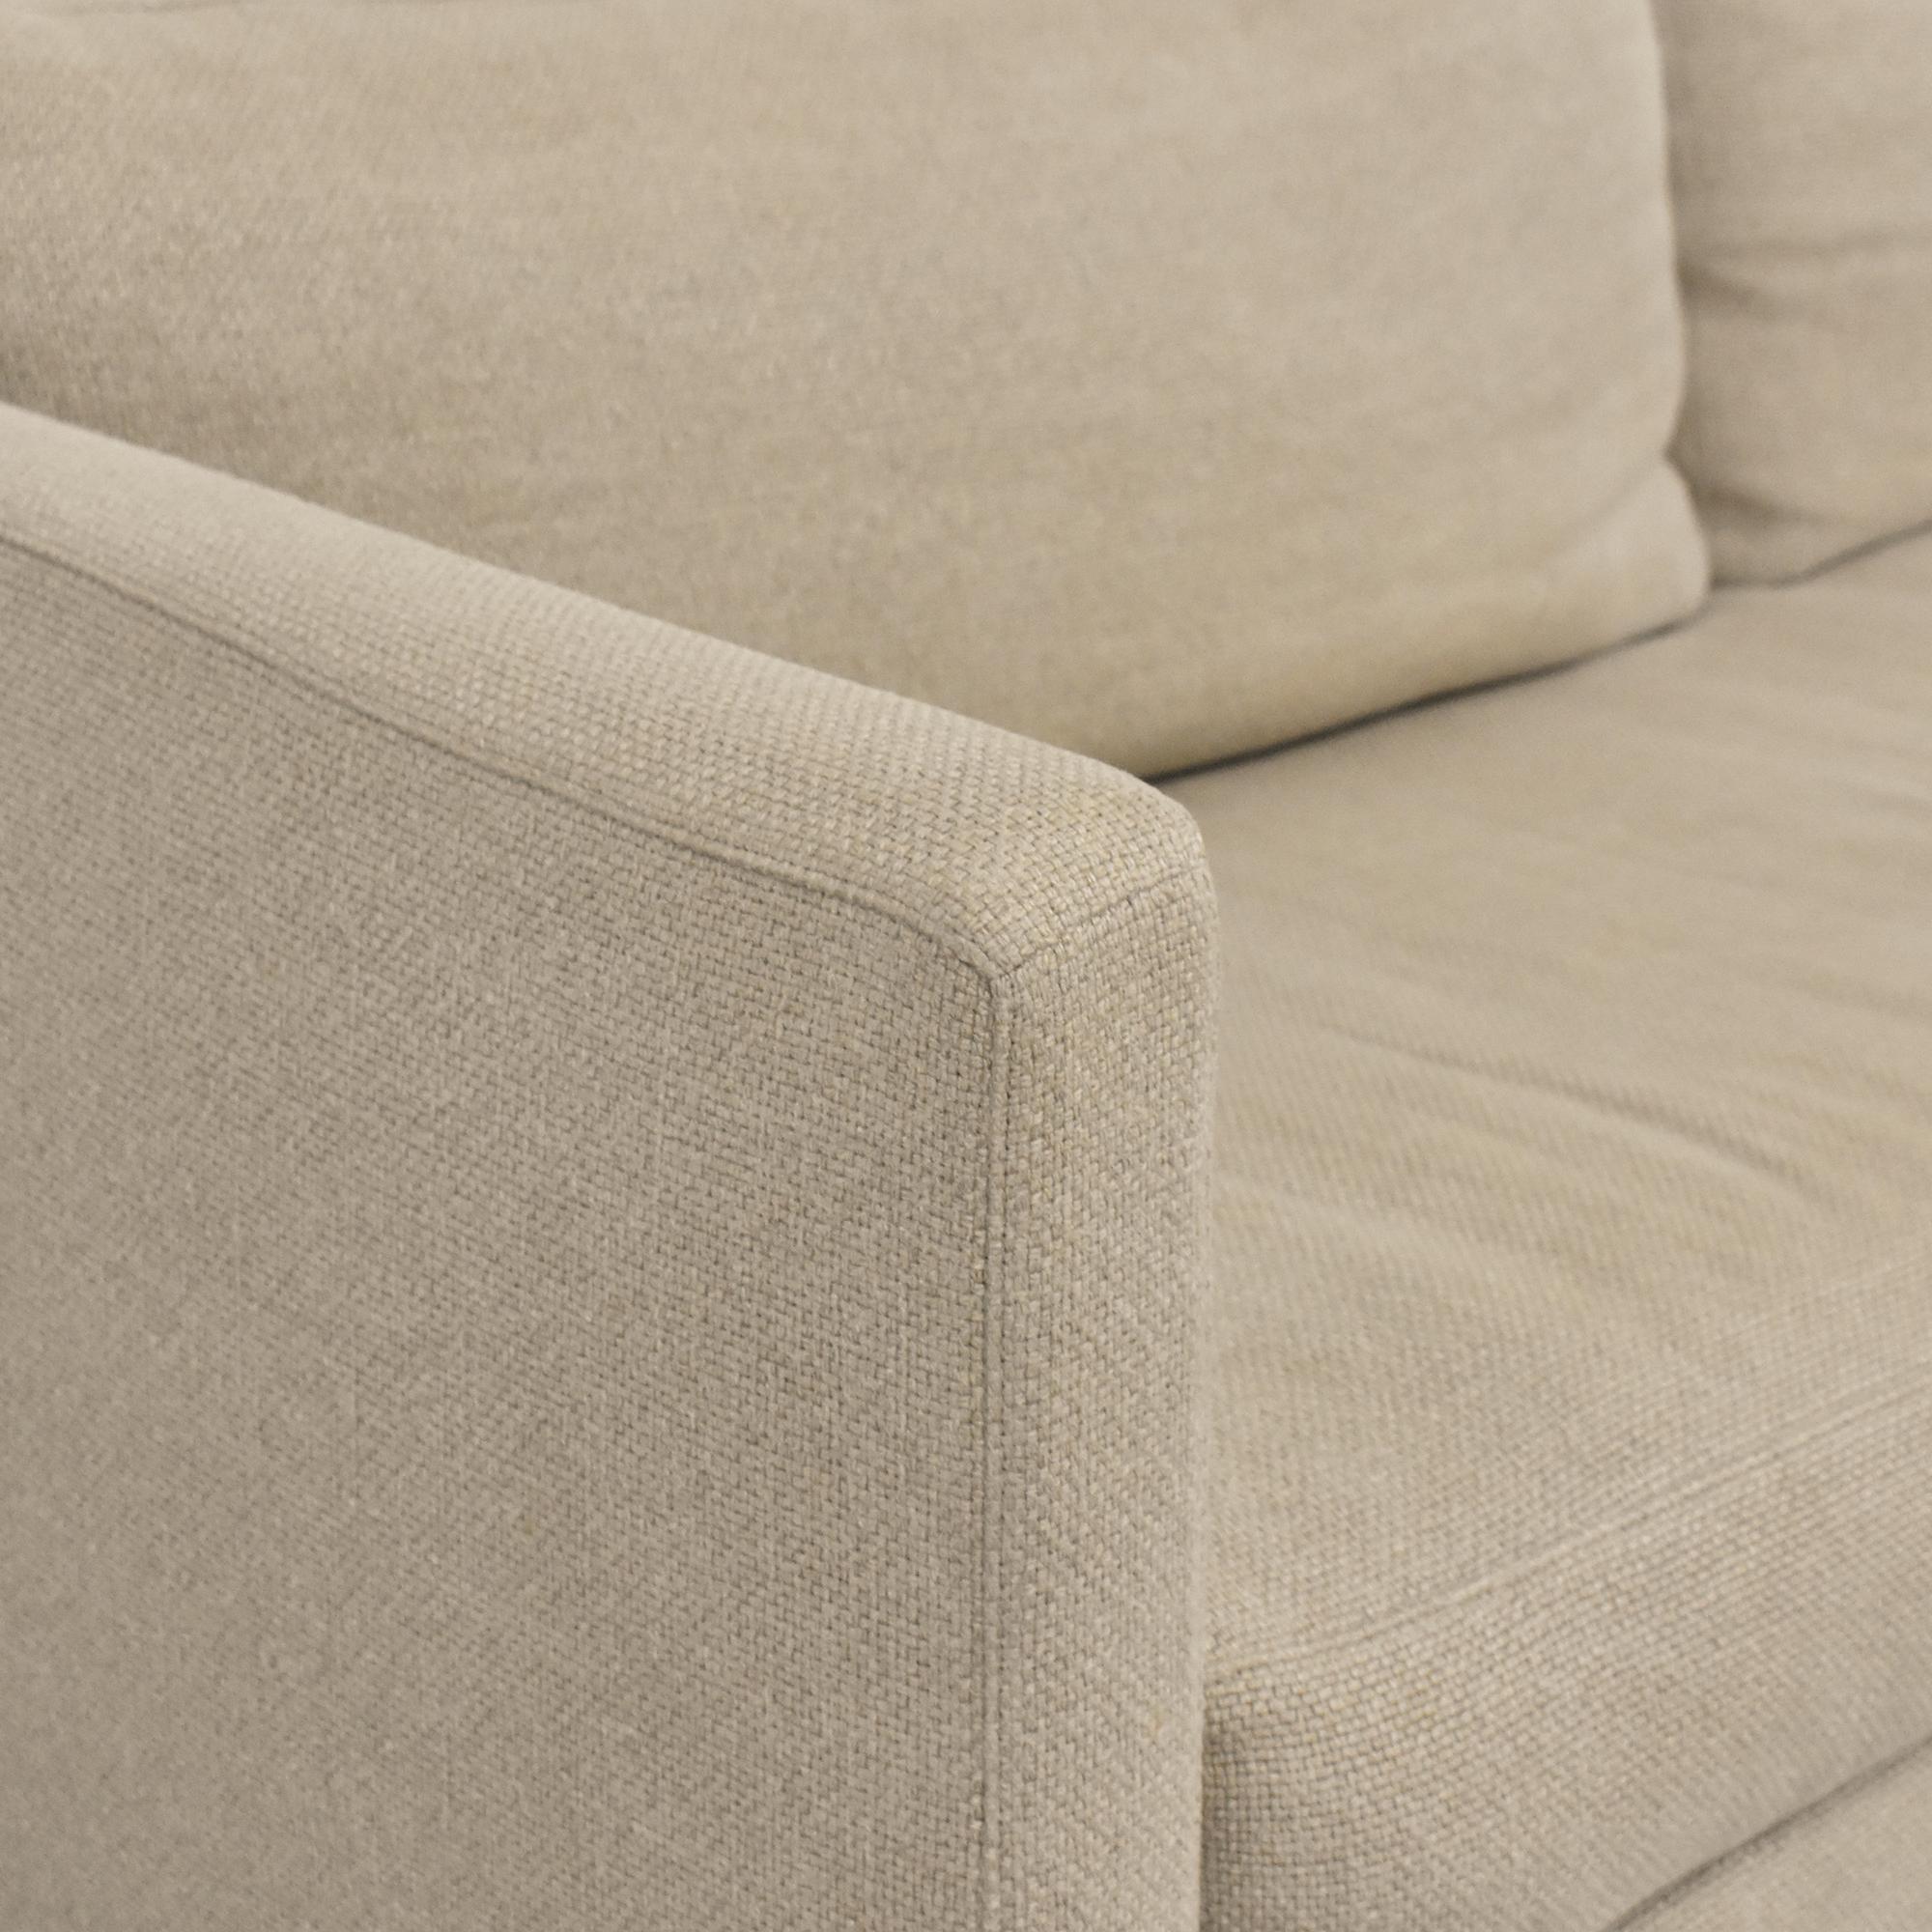 ABC Carpet & Home ABC Carpet & Home Contemporary Sofa nj